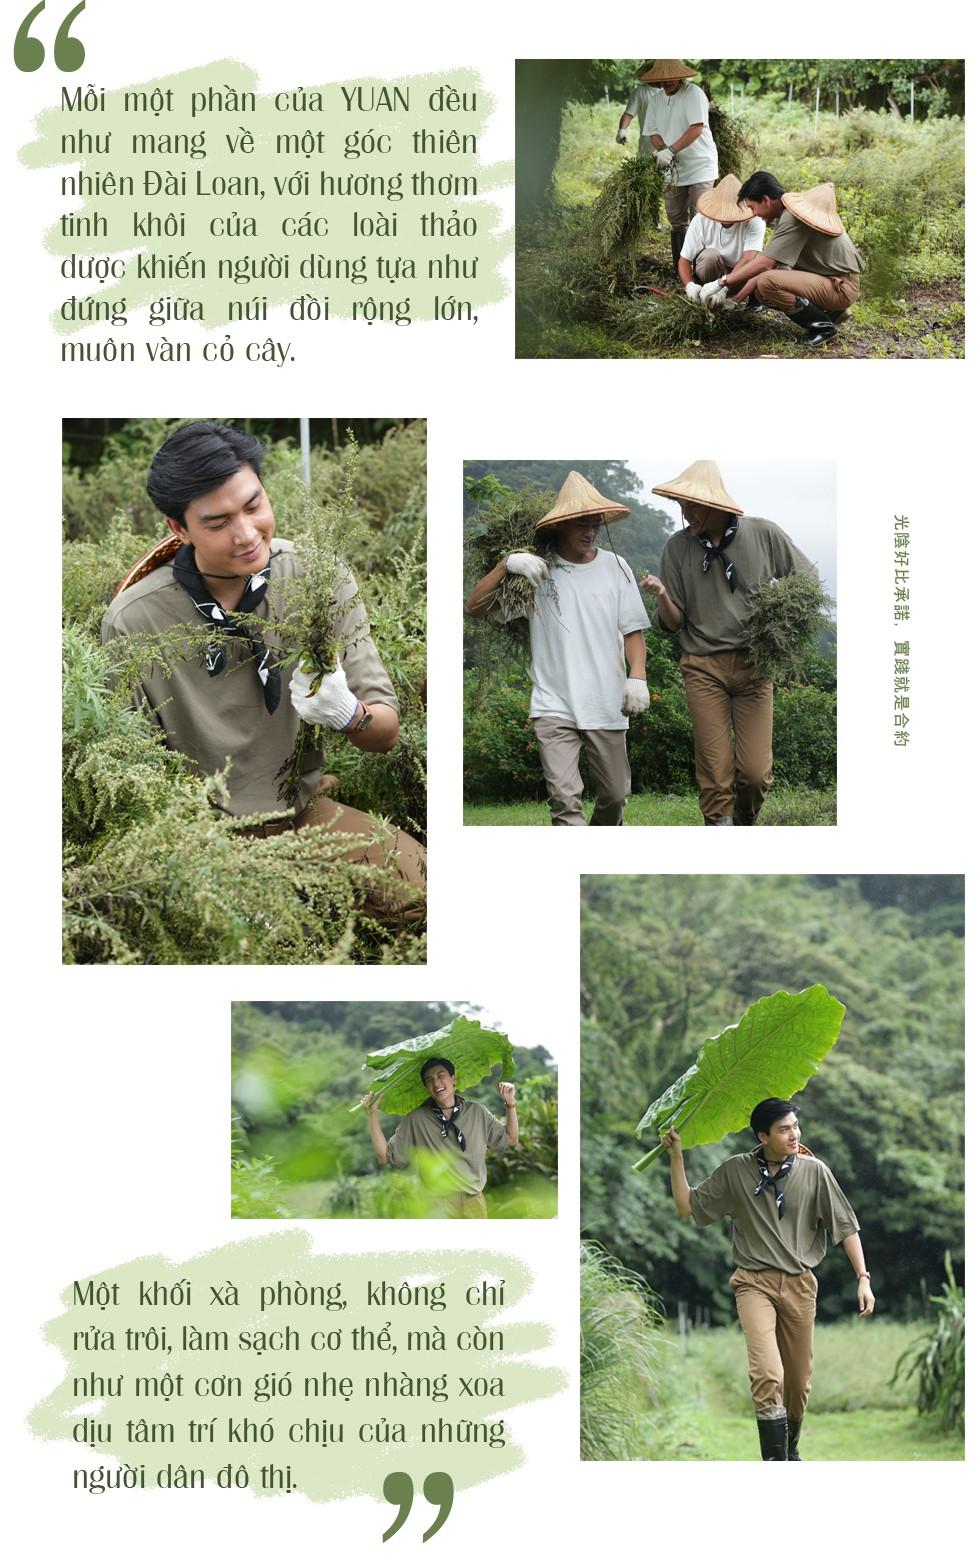 Mỗi 30 giây bán được một bánh xà phòng và câu chuyện về lòng tận tâm với thiên nhiên của Yuan - Thương hiệu chăm sóc da thảo mộc xứ Đài - Ảnh 6.